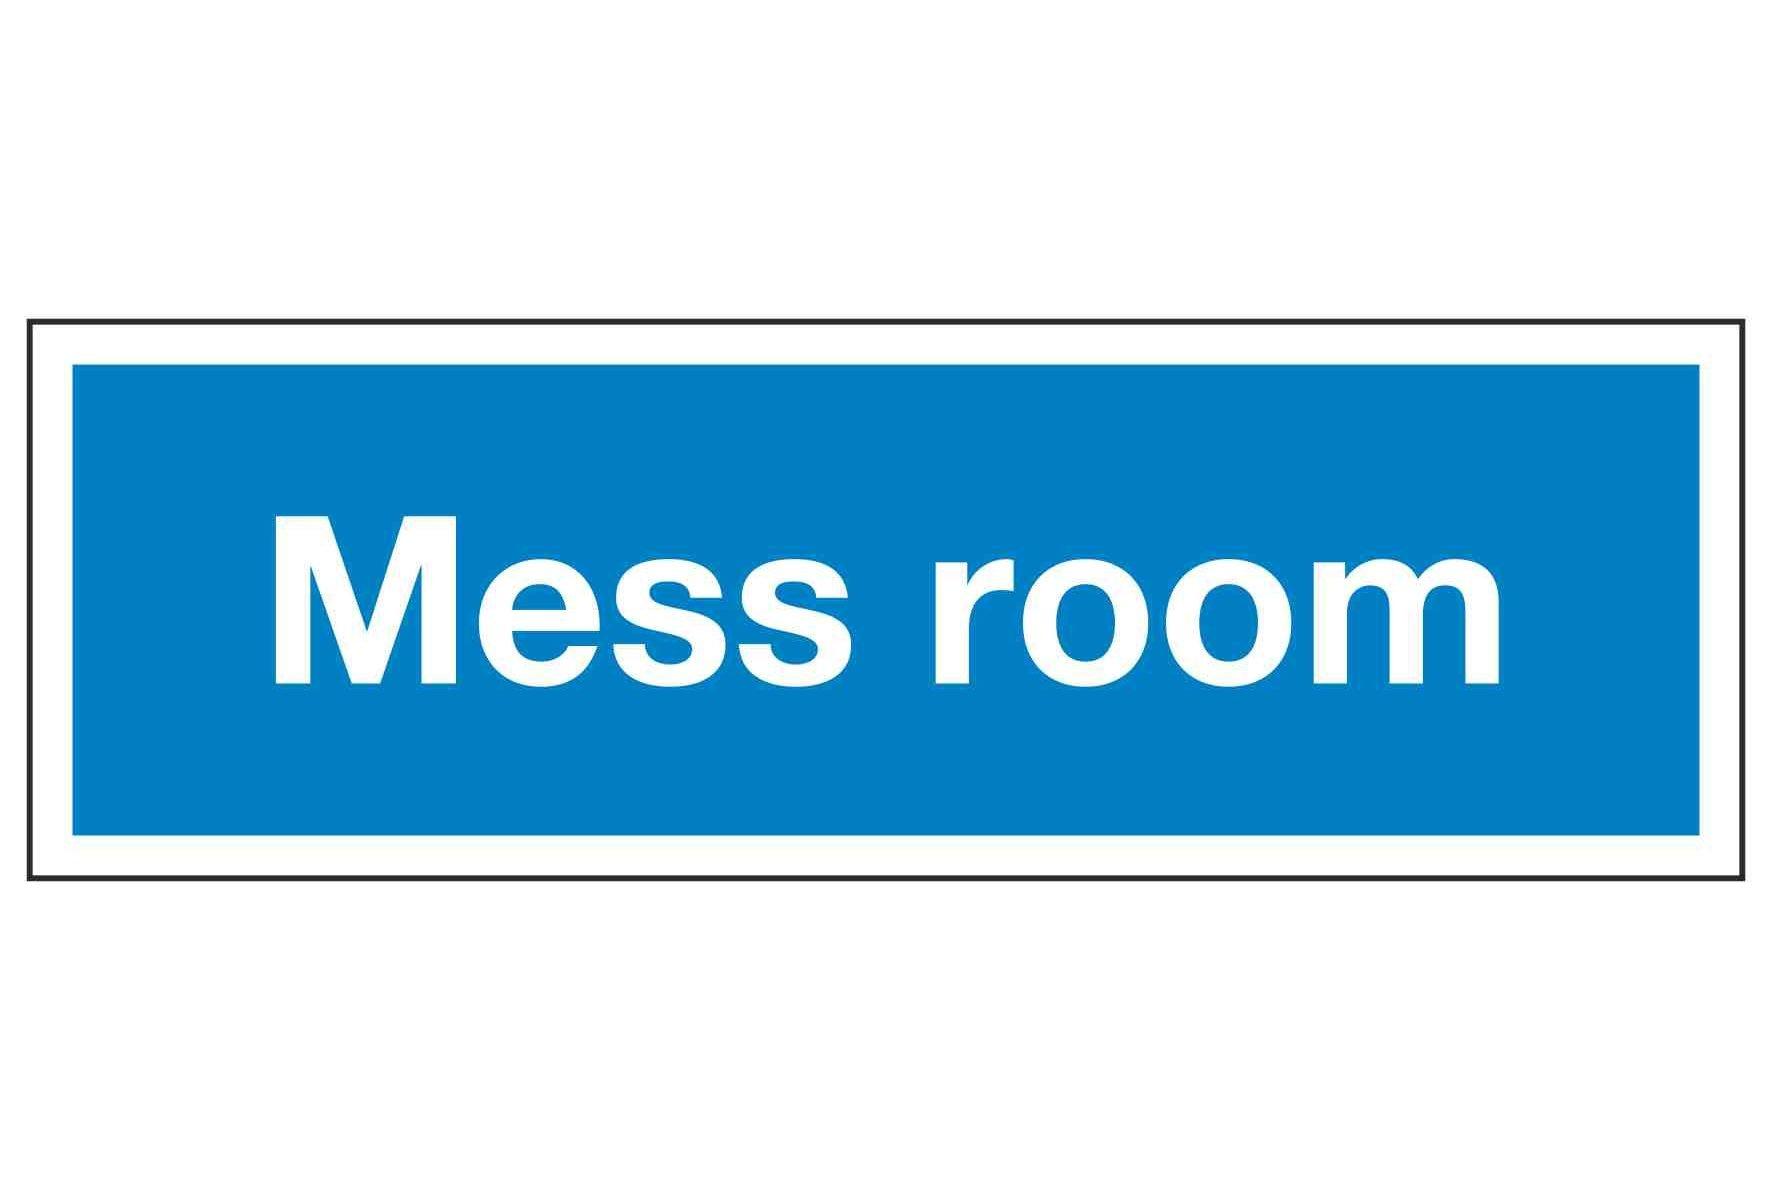 Mess room